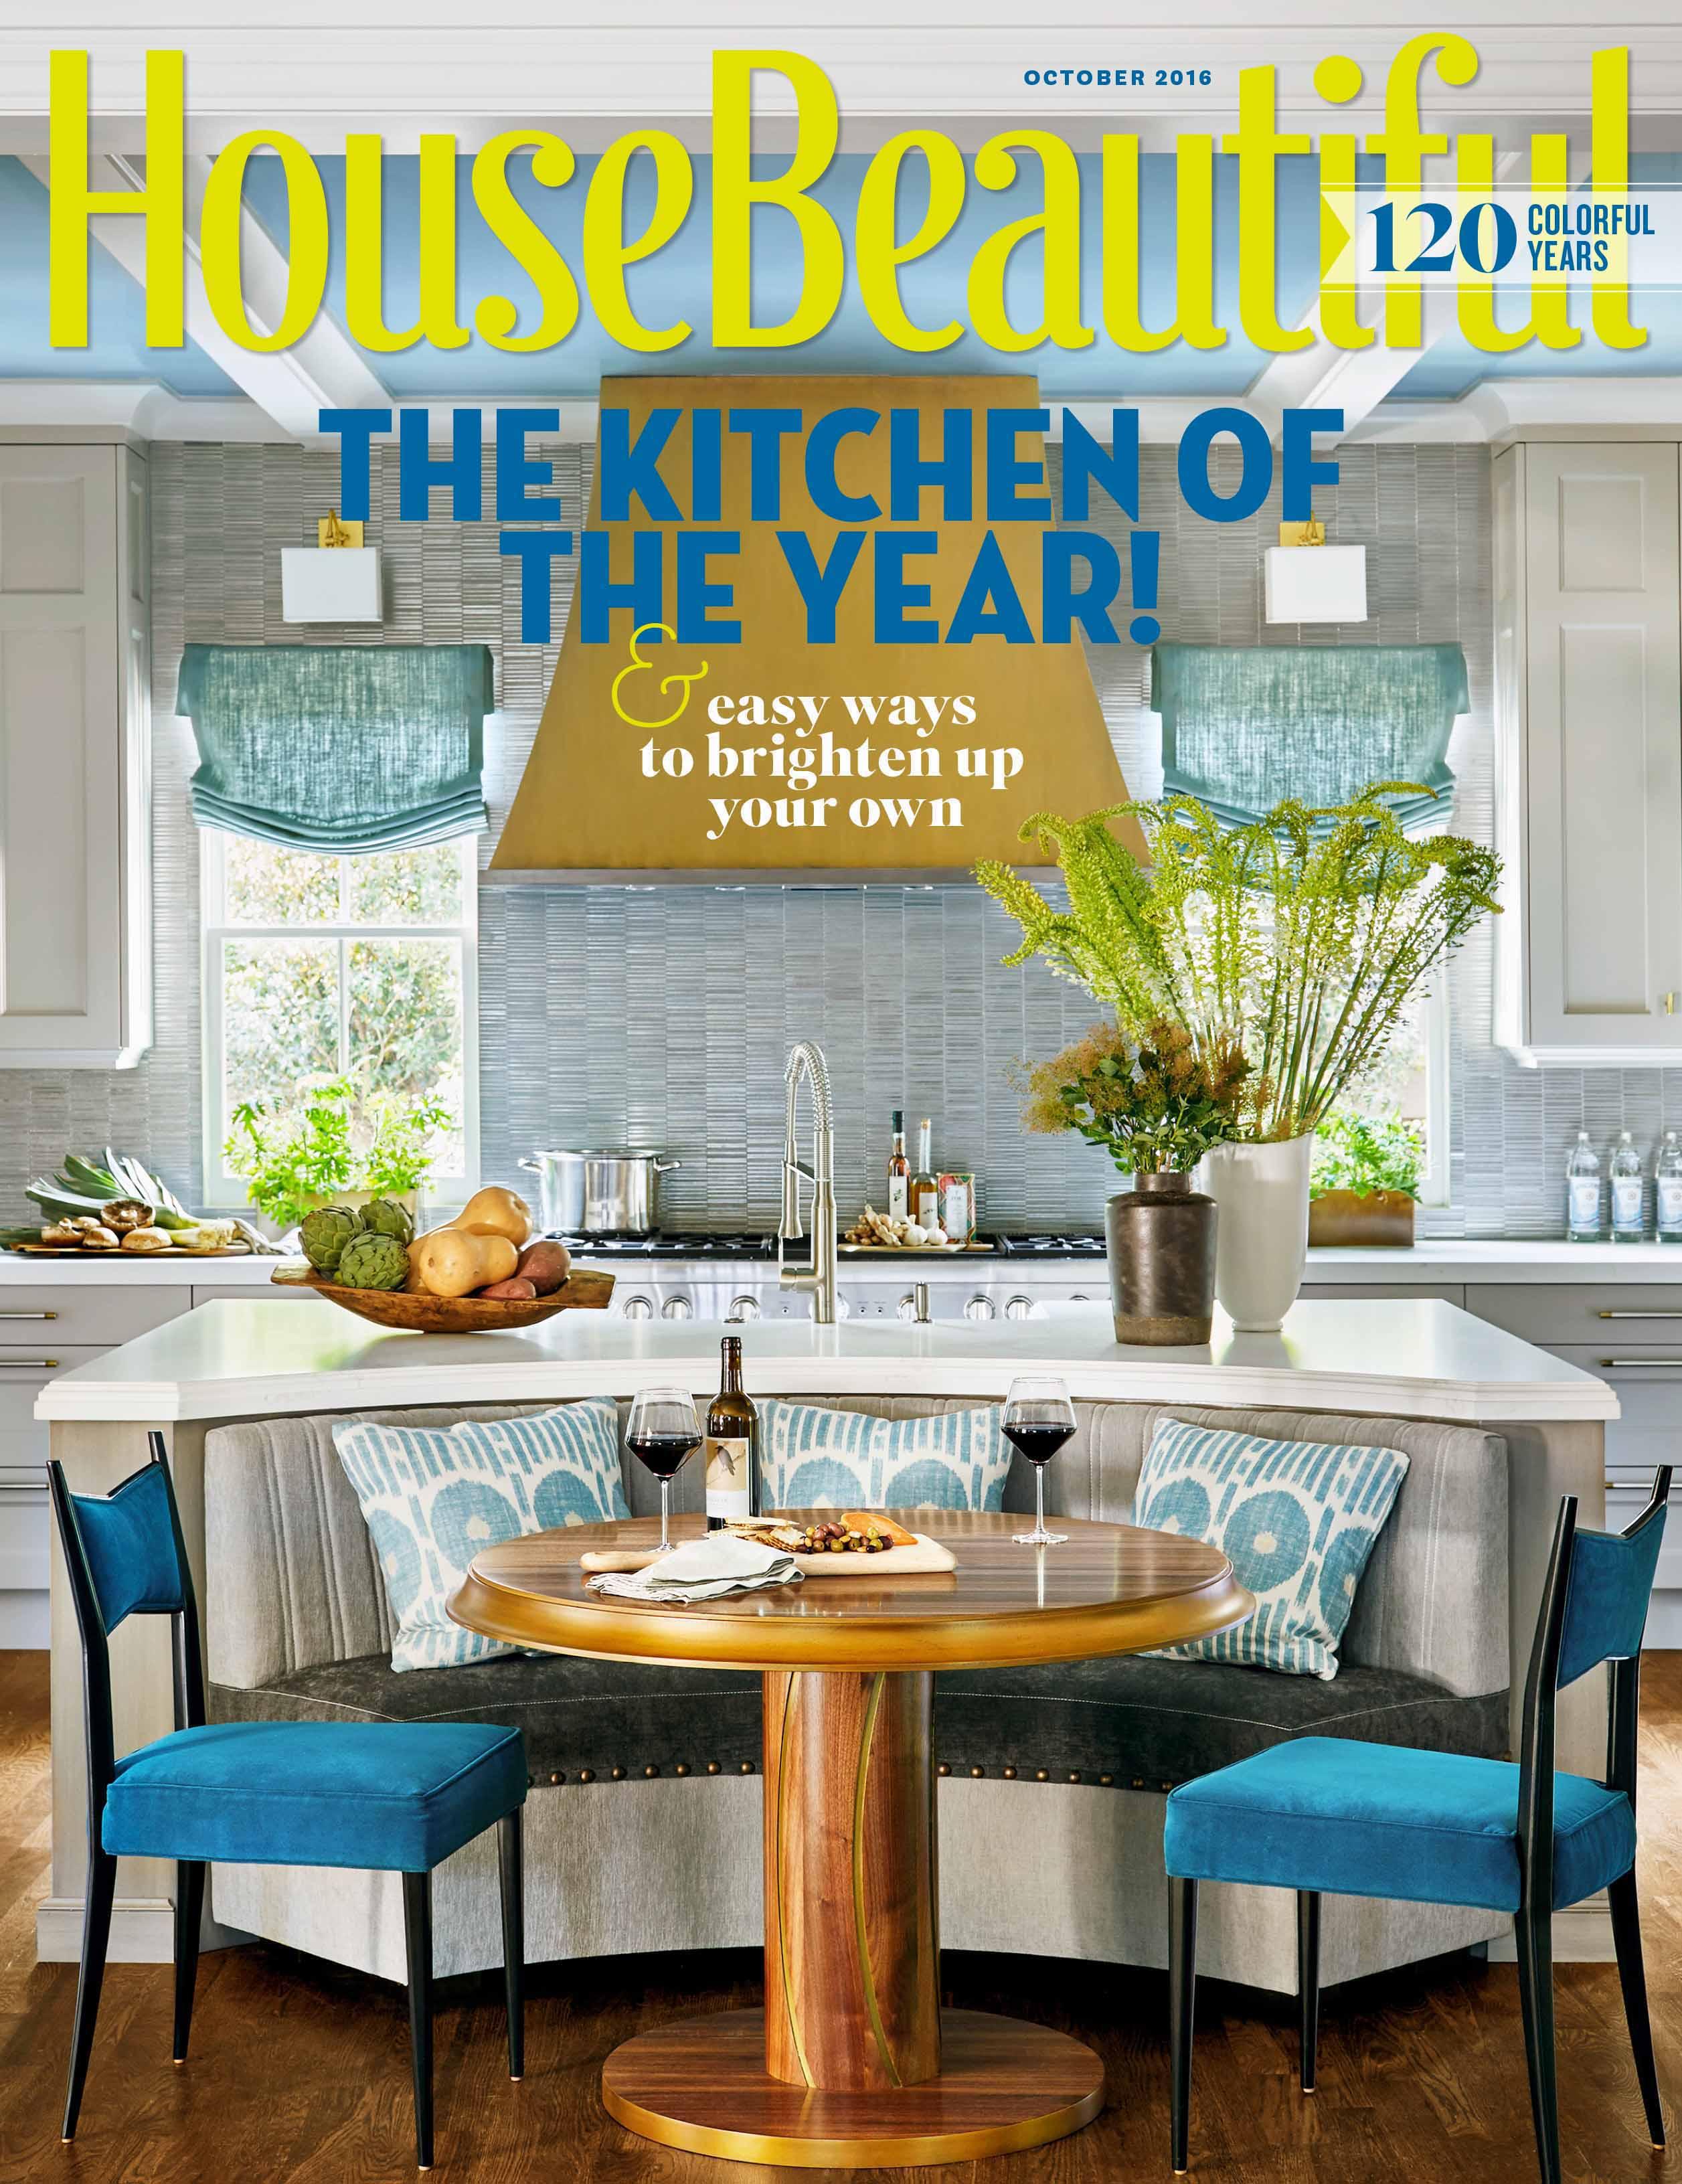 House Beautiful Magazine Grothouse On The Cover Of House Beautiful Magazine October 2016